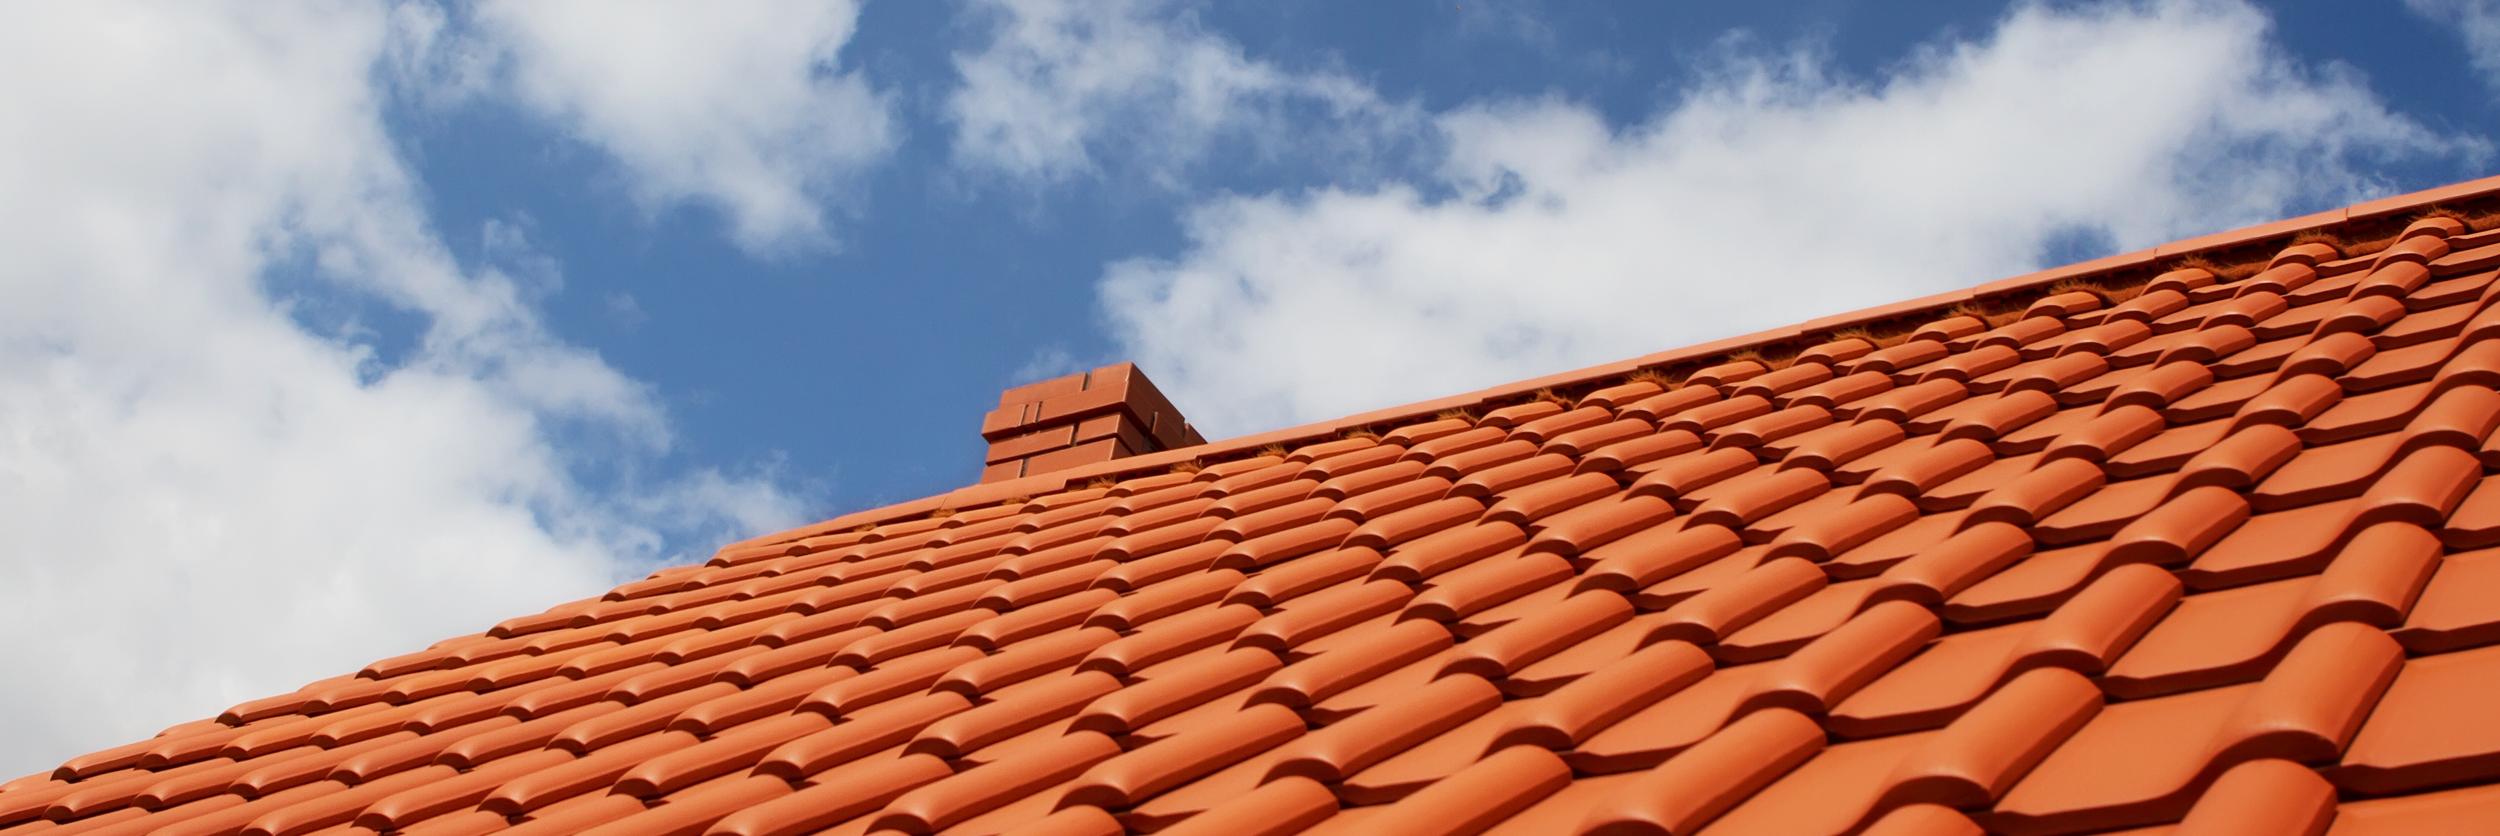 BDR Roofing U0026 Contractor